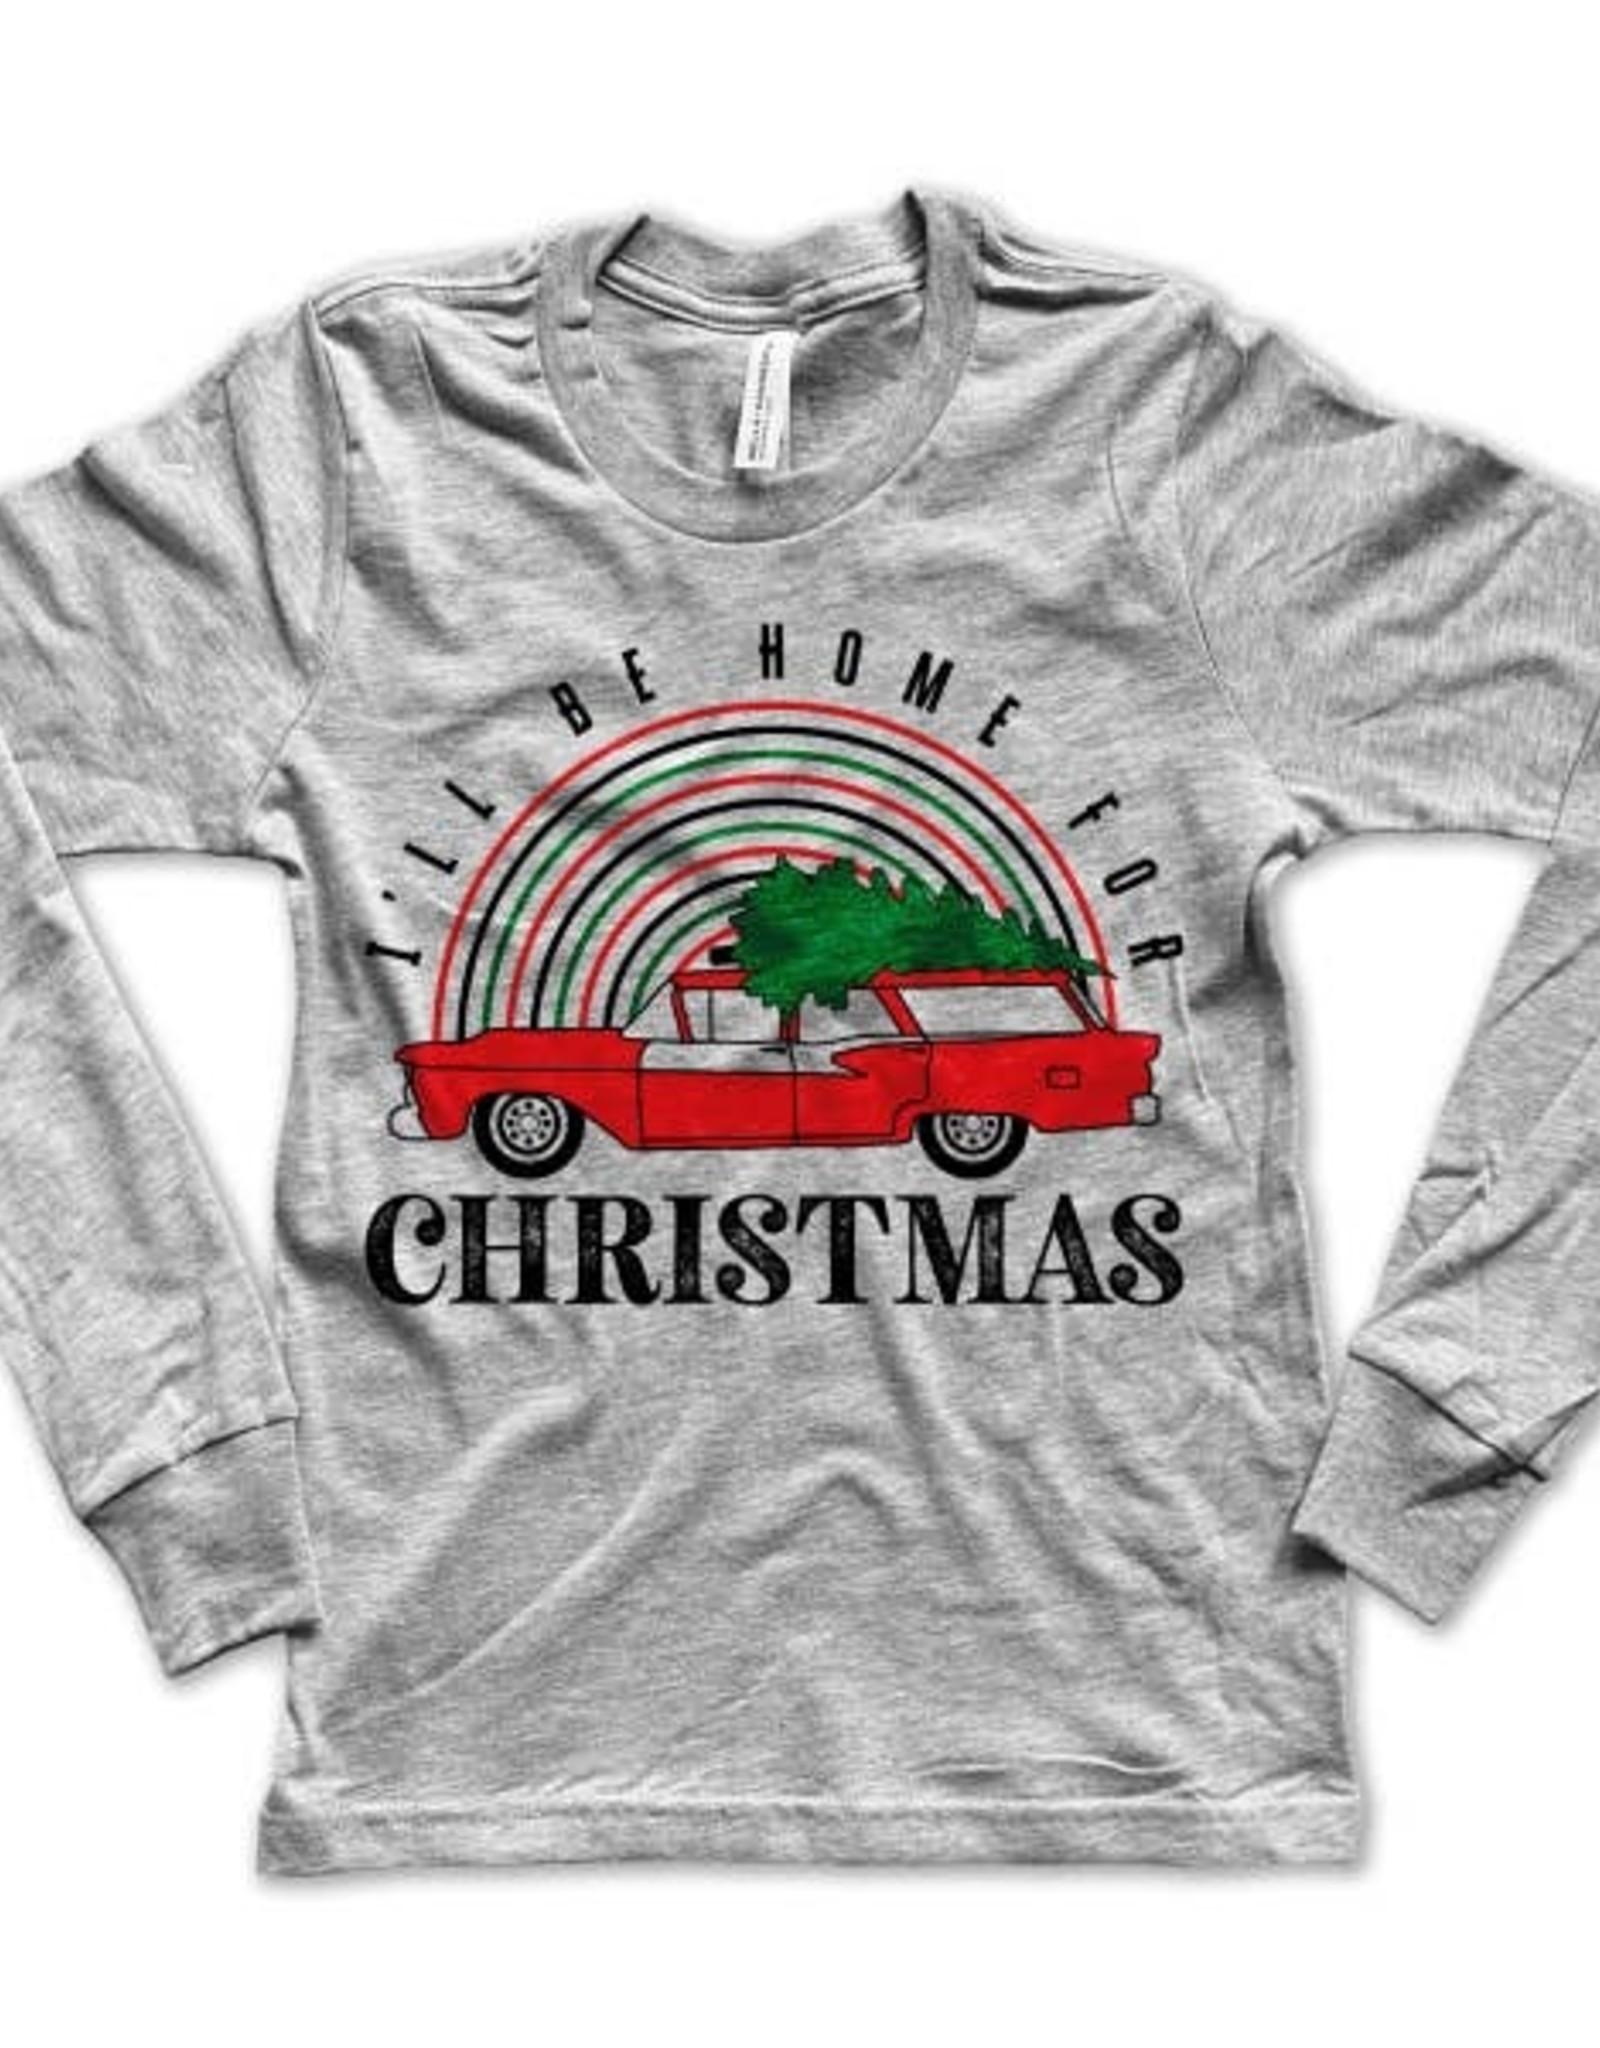 Rivet apparel home for christmas tee